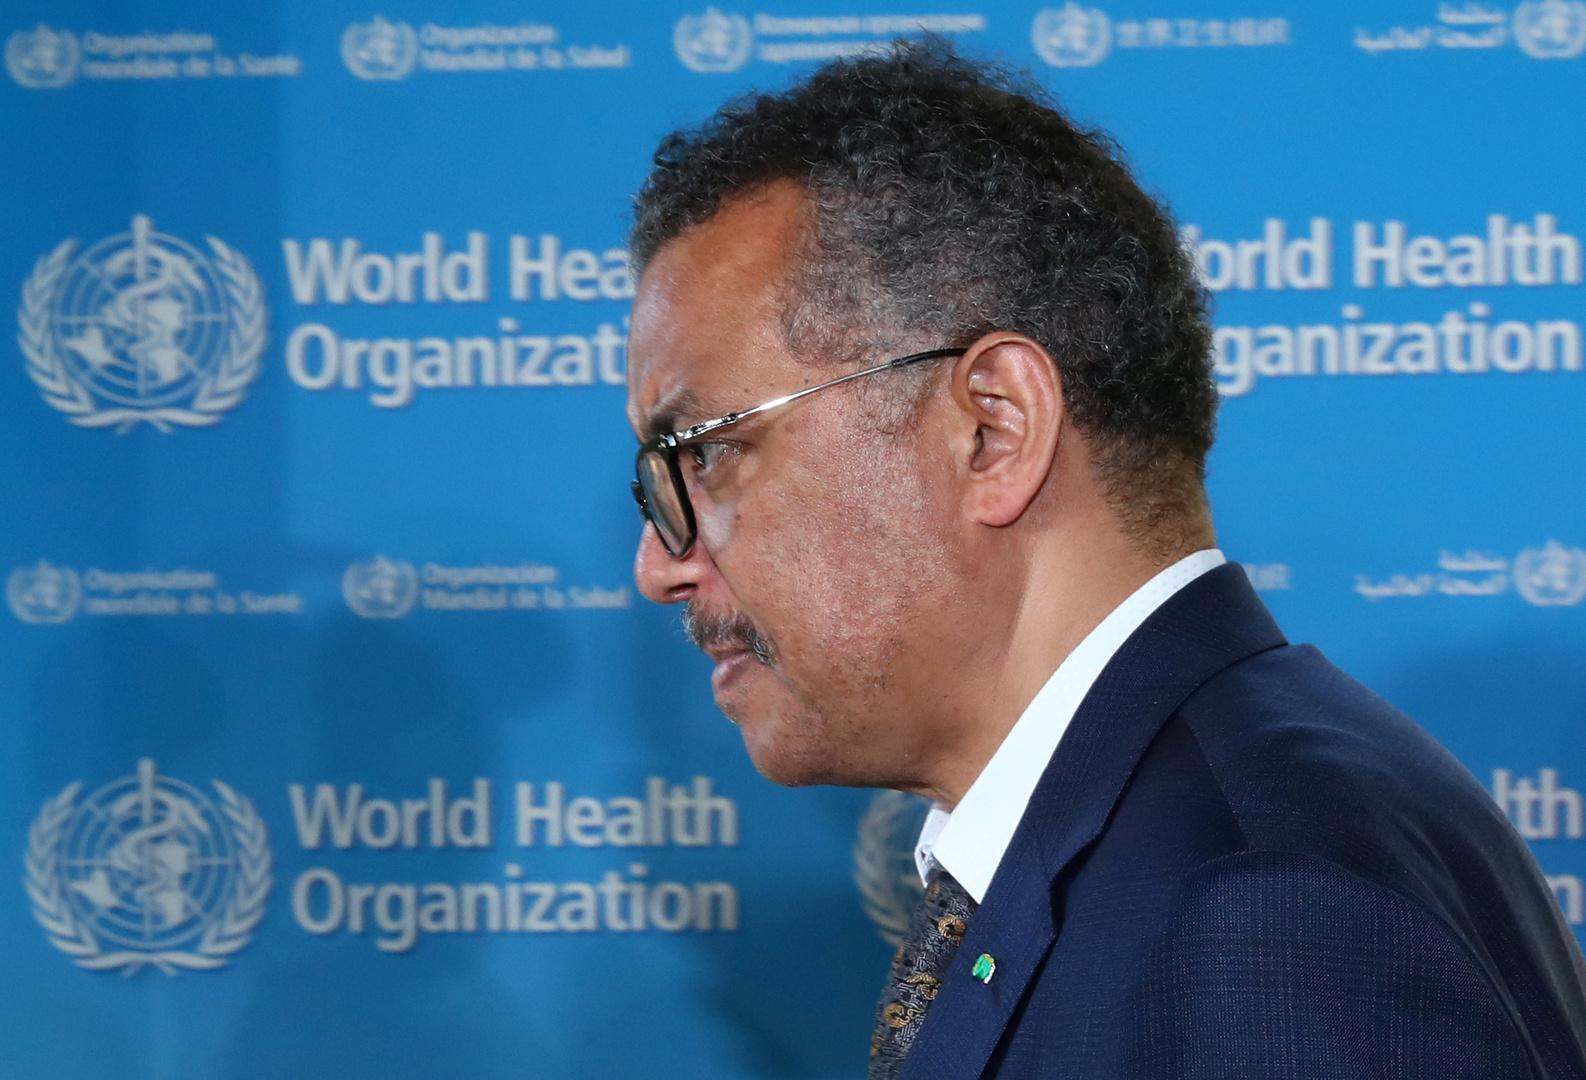 الصحة العالمية عن جائحة كورونا: لم نقترب حتى من النهاية ونخشى الأسوأ